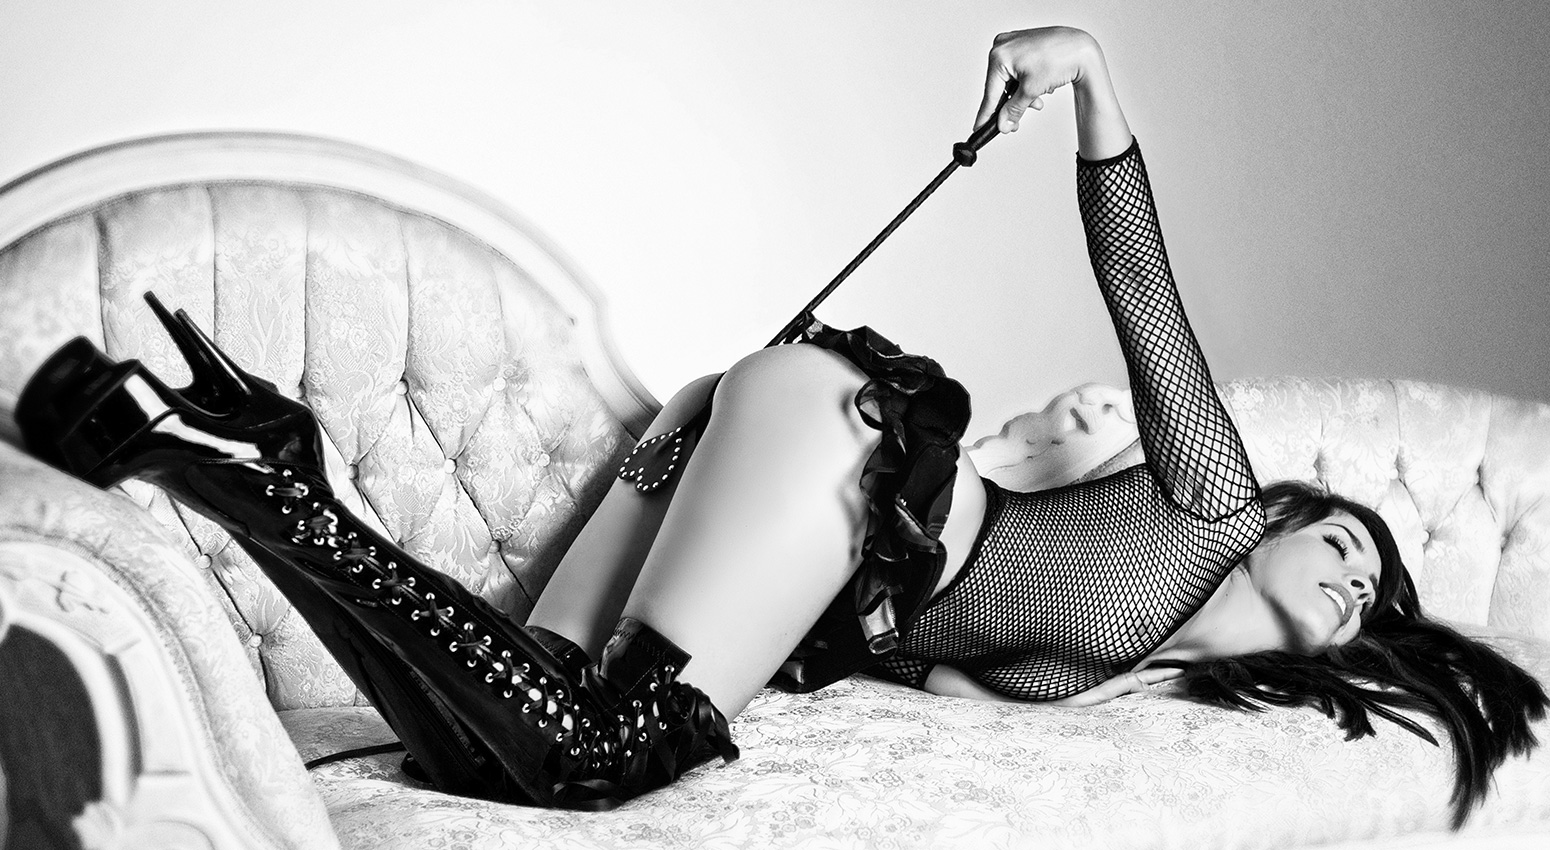 Bondage glamour photography